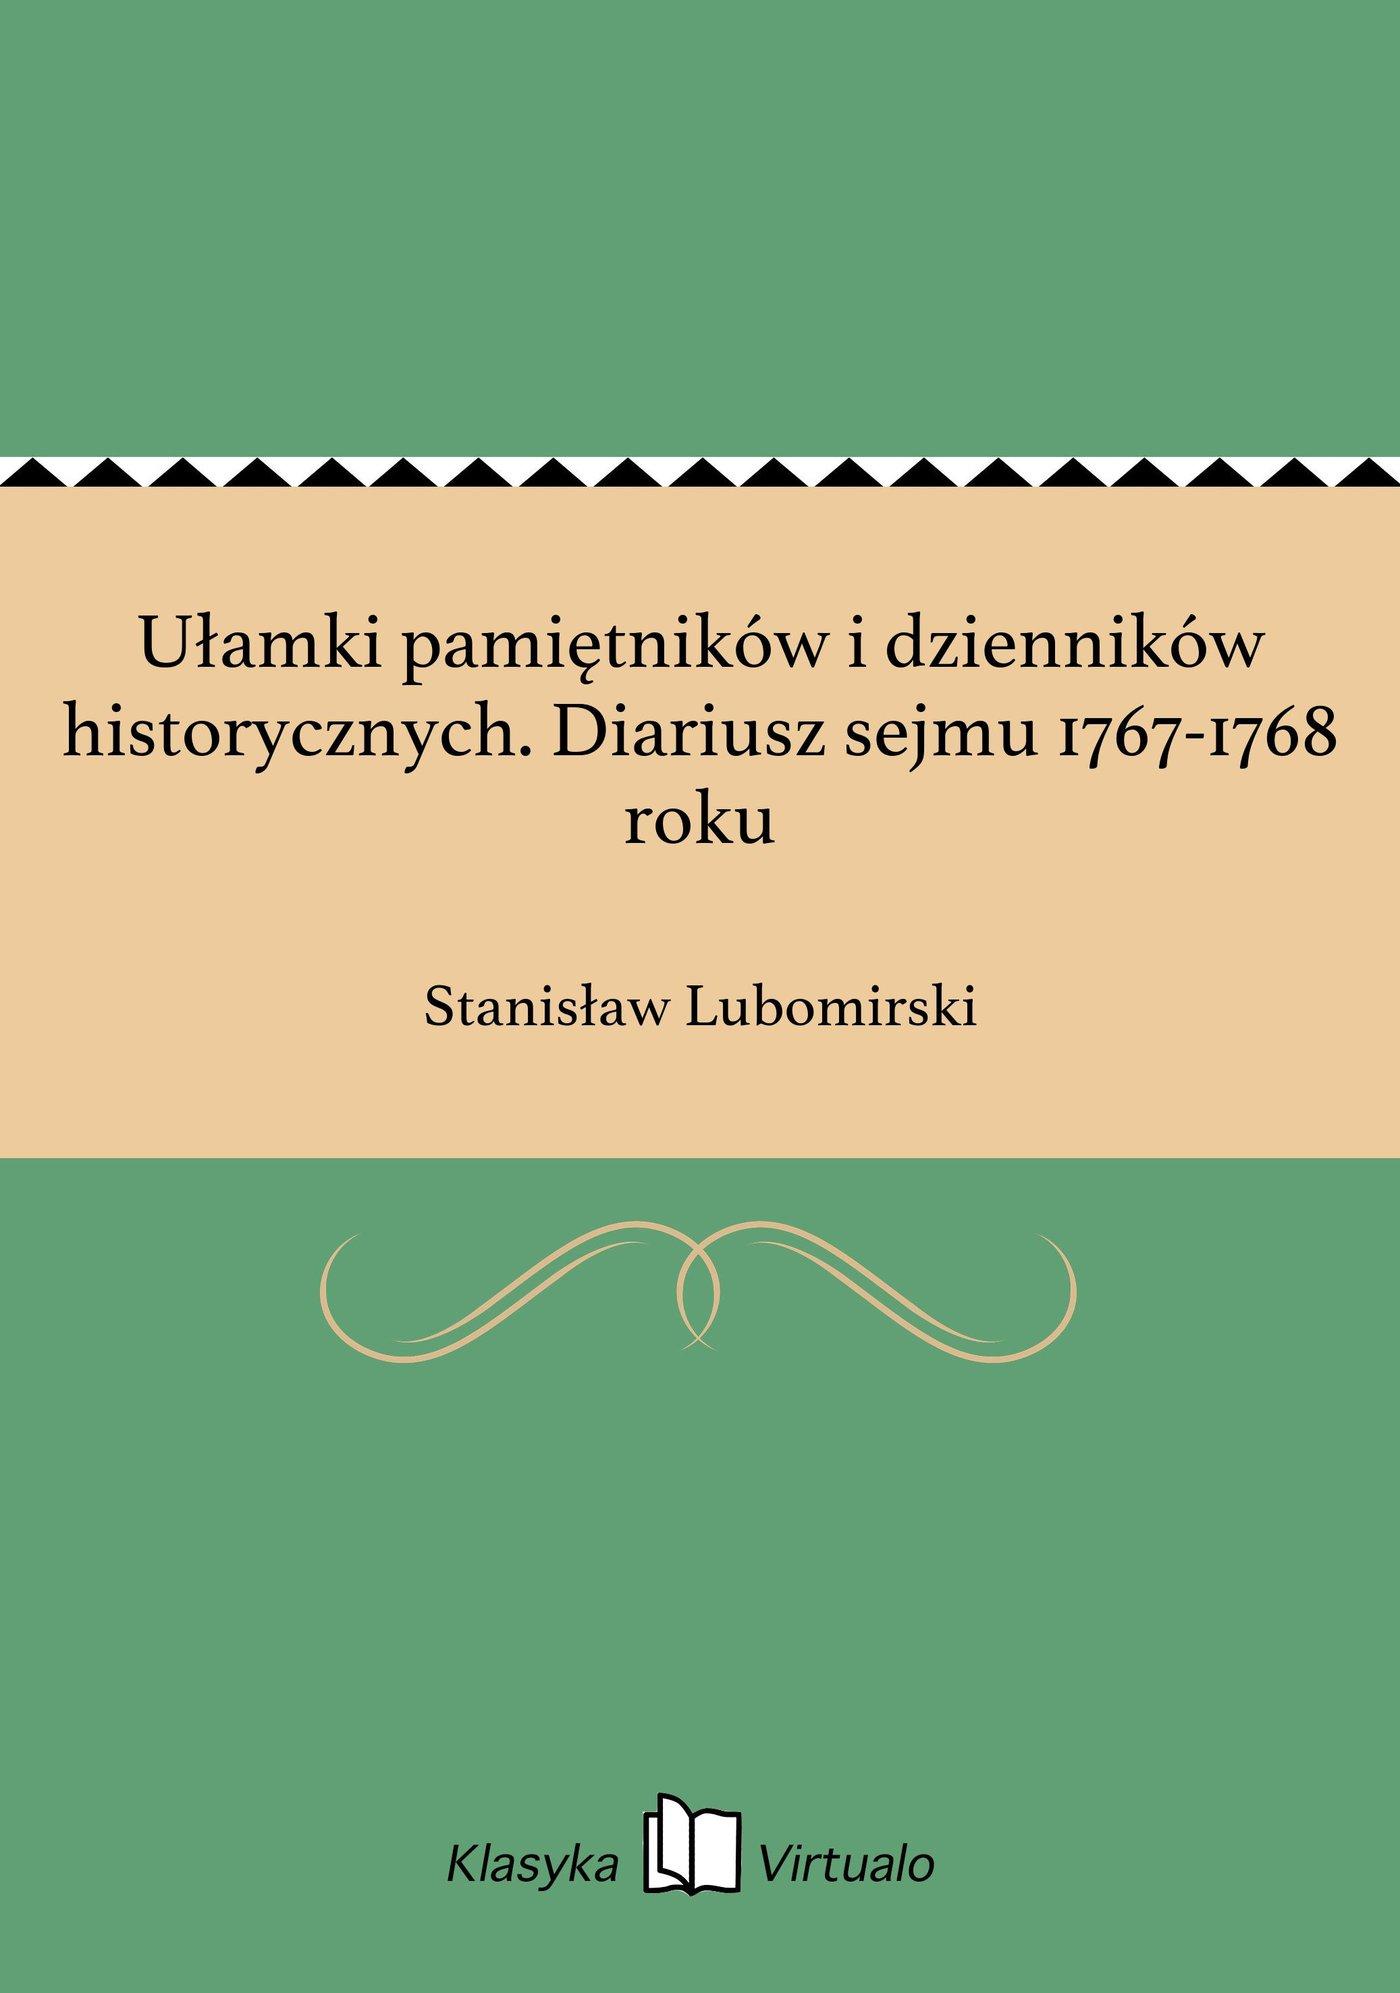 Ułamki pamiętników i dzienników historycznych. Diariusz sejmu 1767-1768 roku - Ebook (Książka EPUB) do pobrania w formacie EPUB